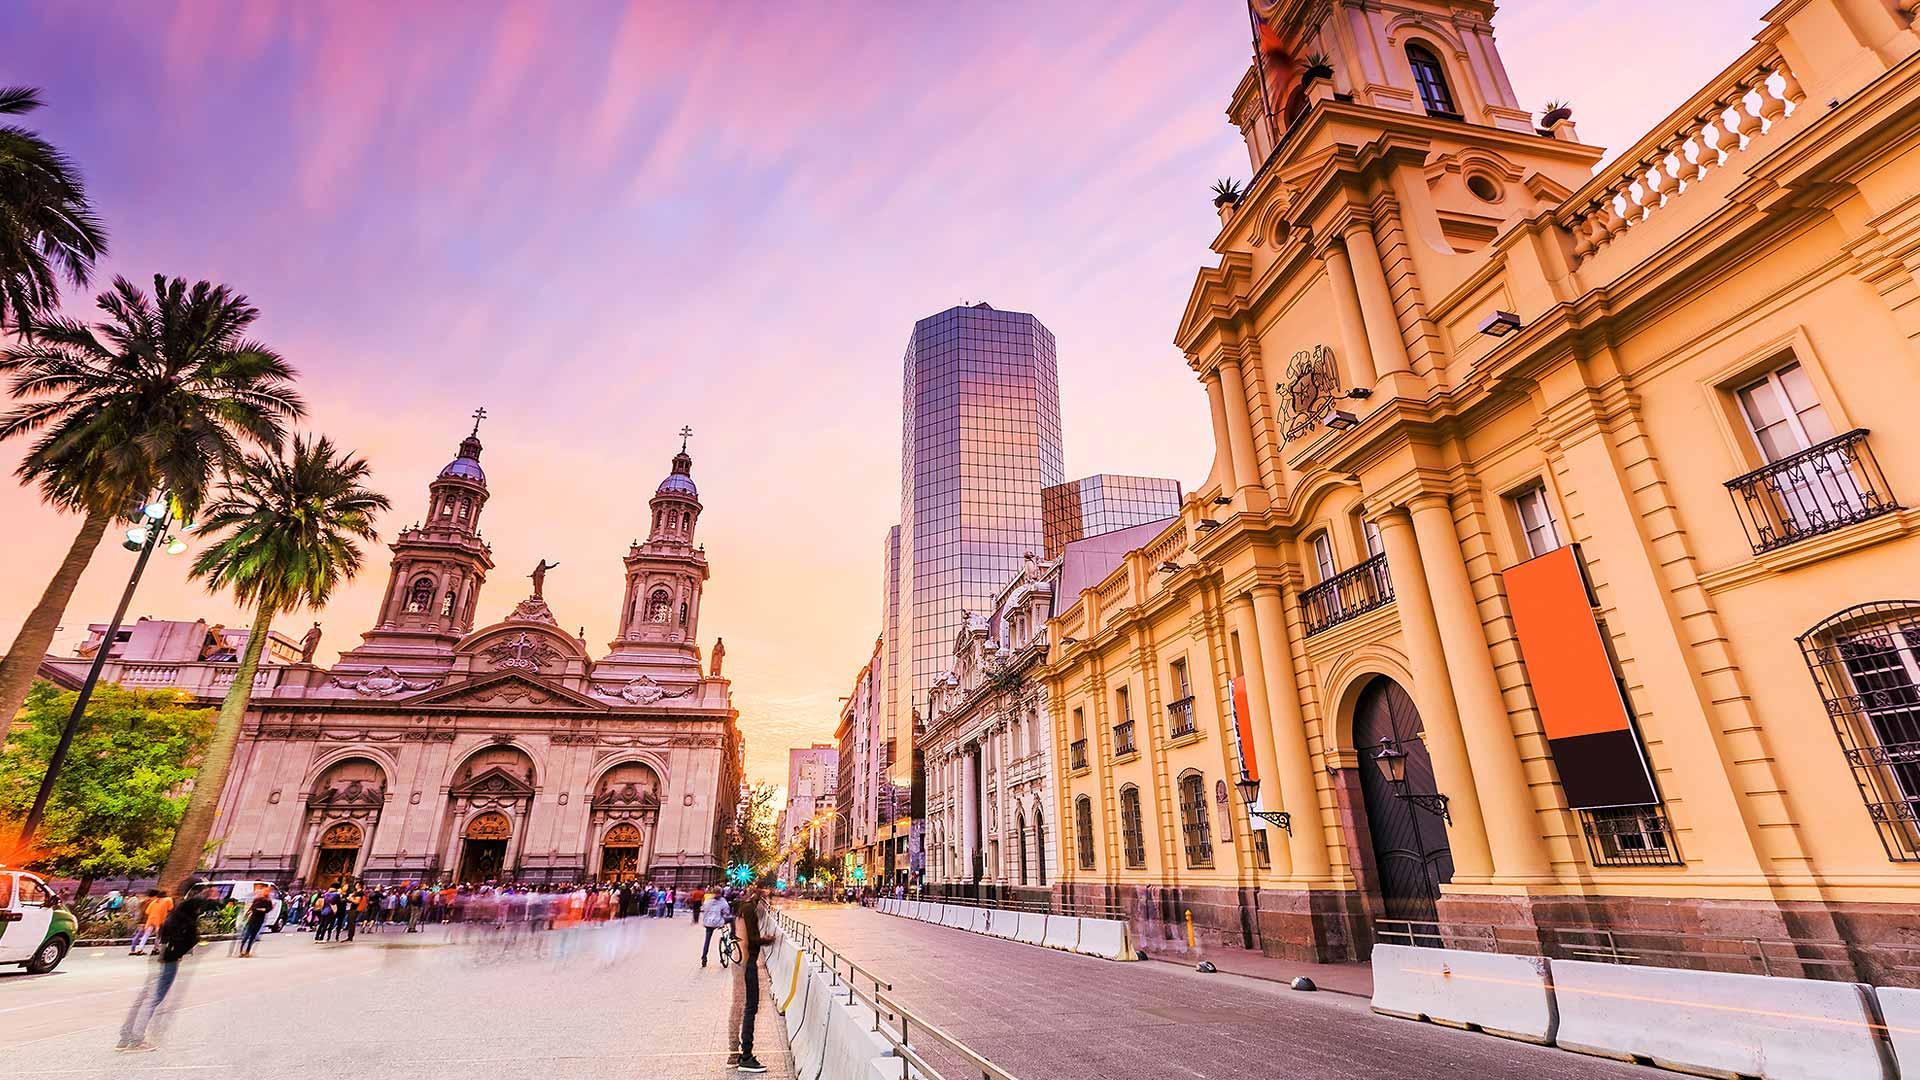 C 2020 года в Сантьяго будут проводить грунтовый турнир ATP